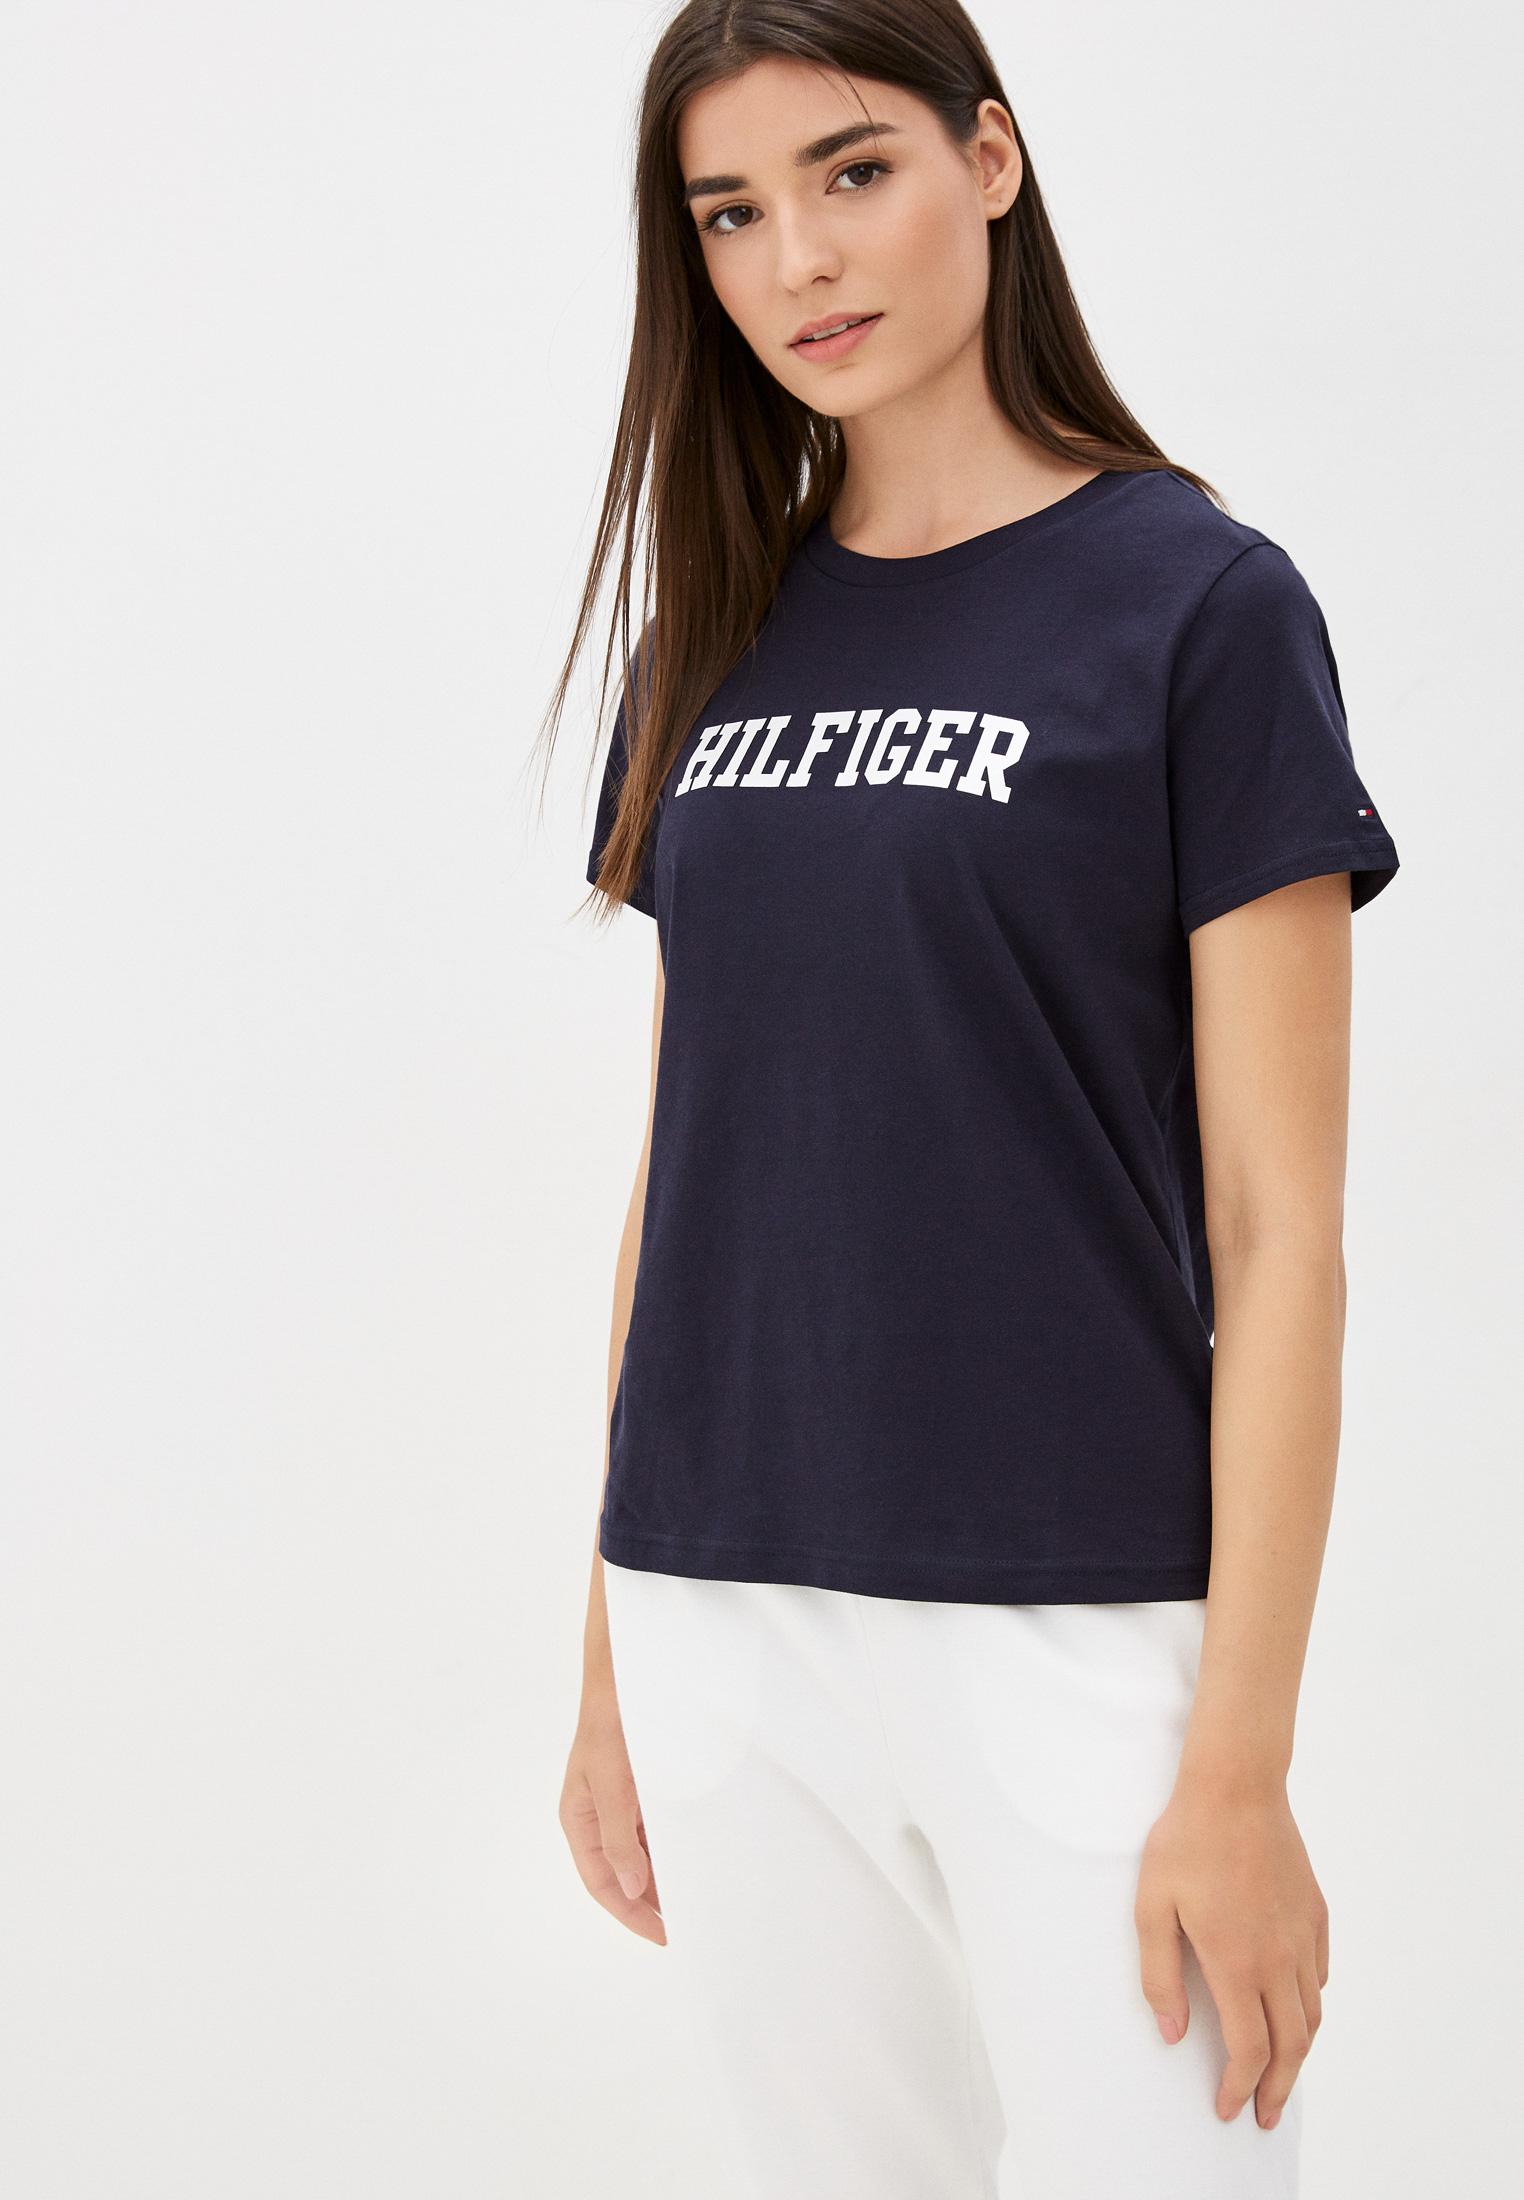 Домашняя футболка Tommy Hilfiger (Томми Хилфигер) Футболка домашняя Tommy Hilfiger